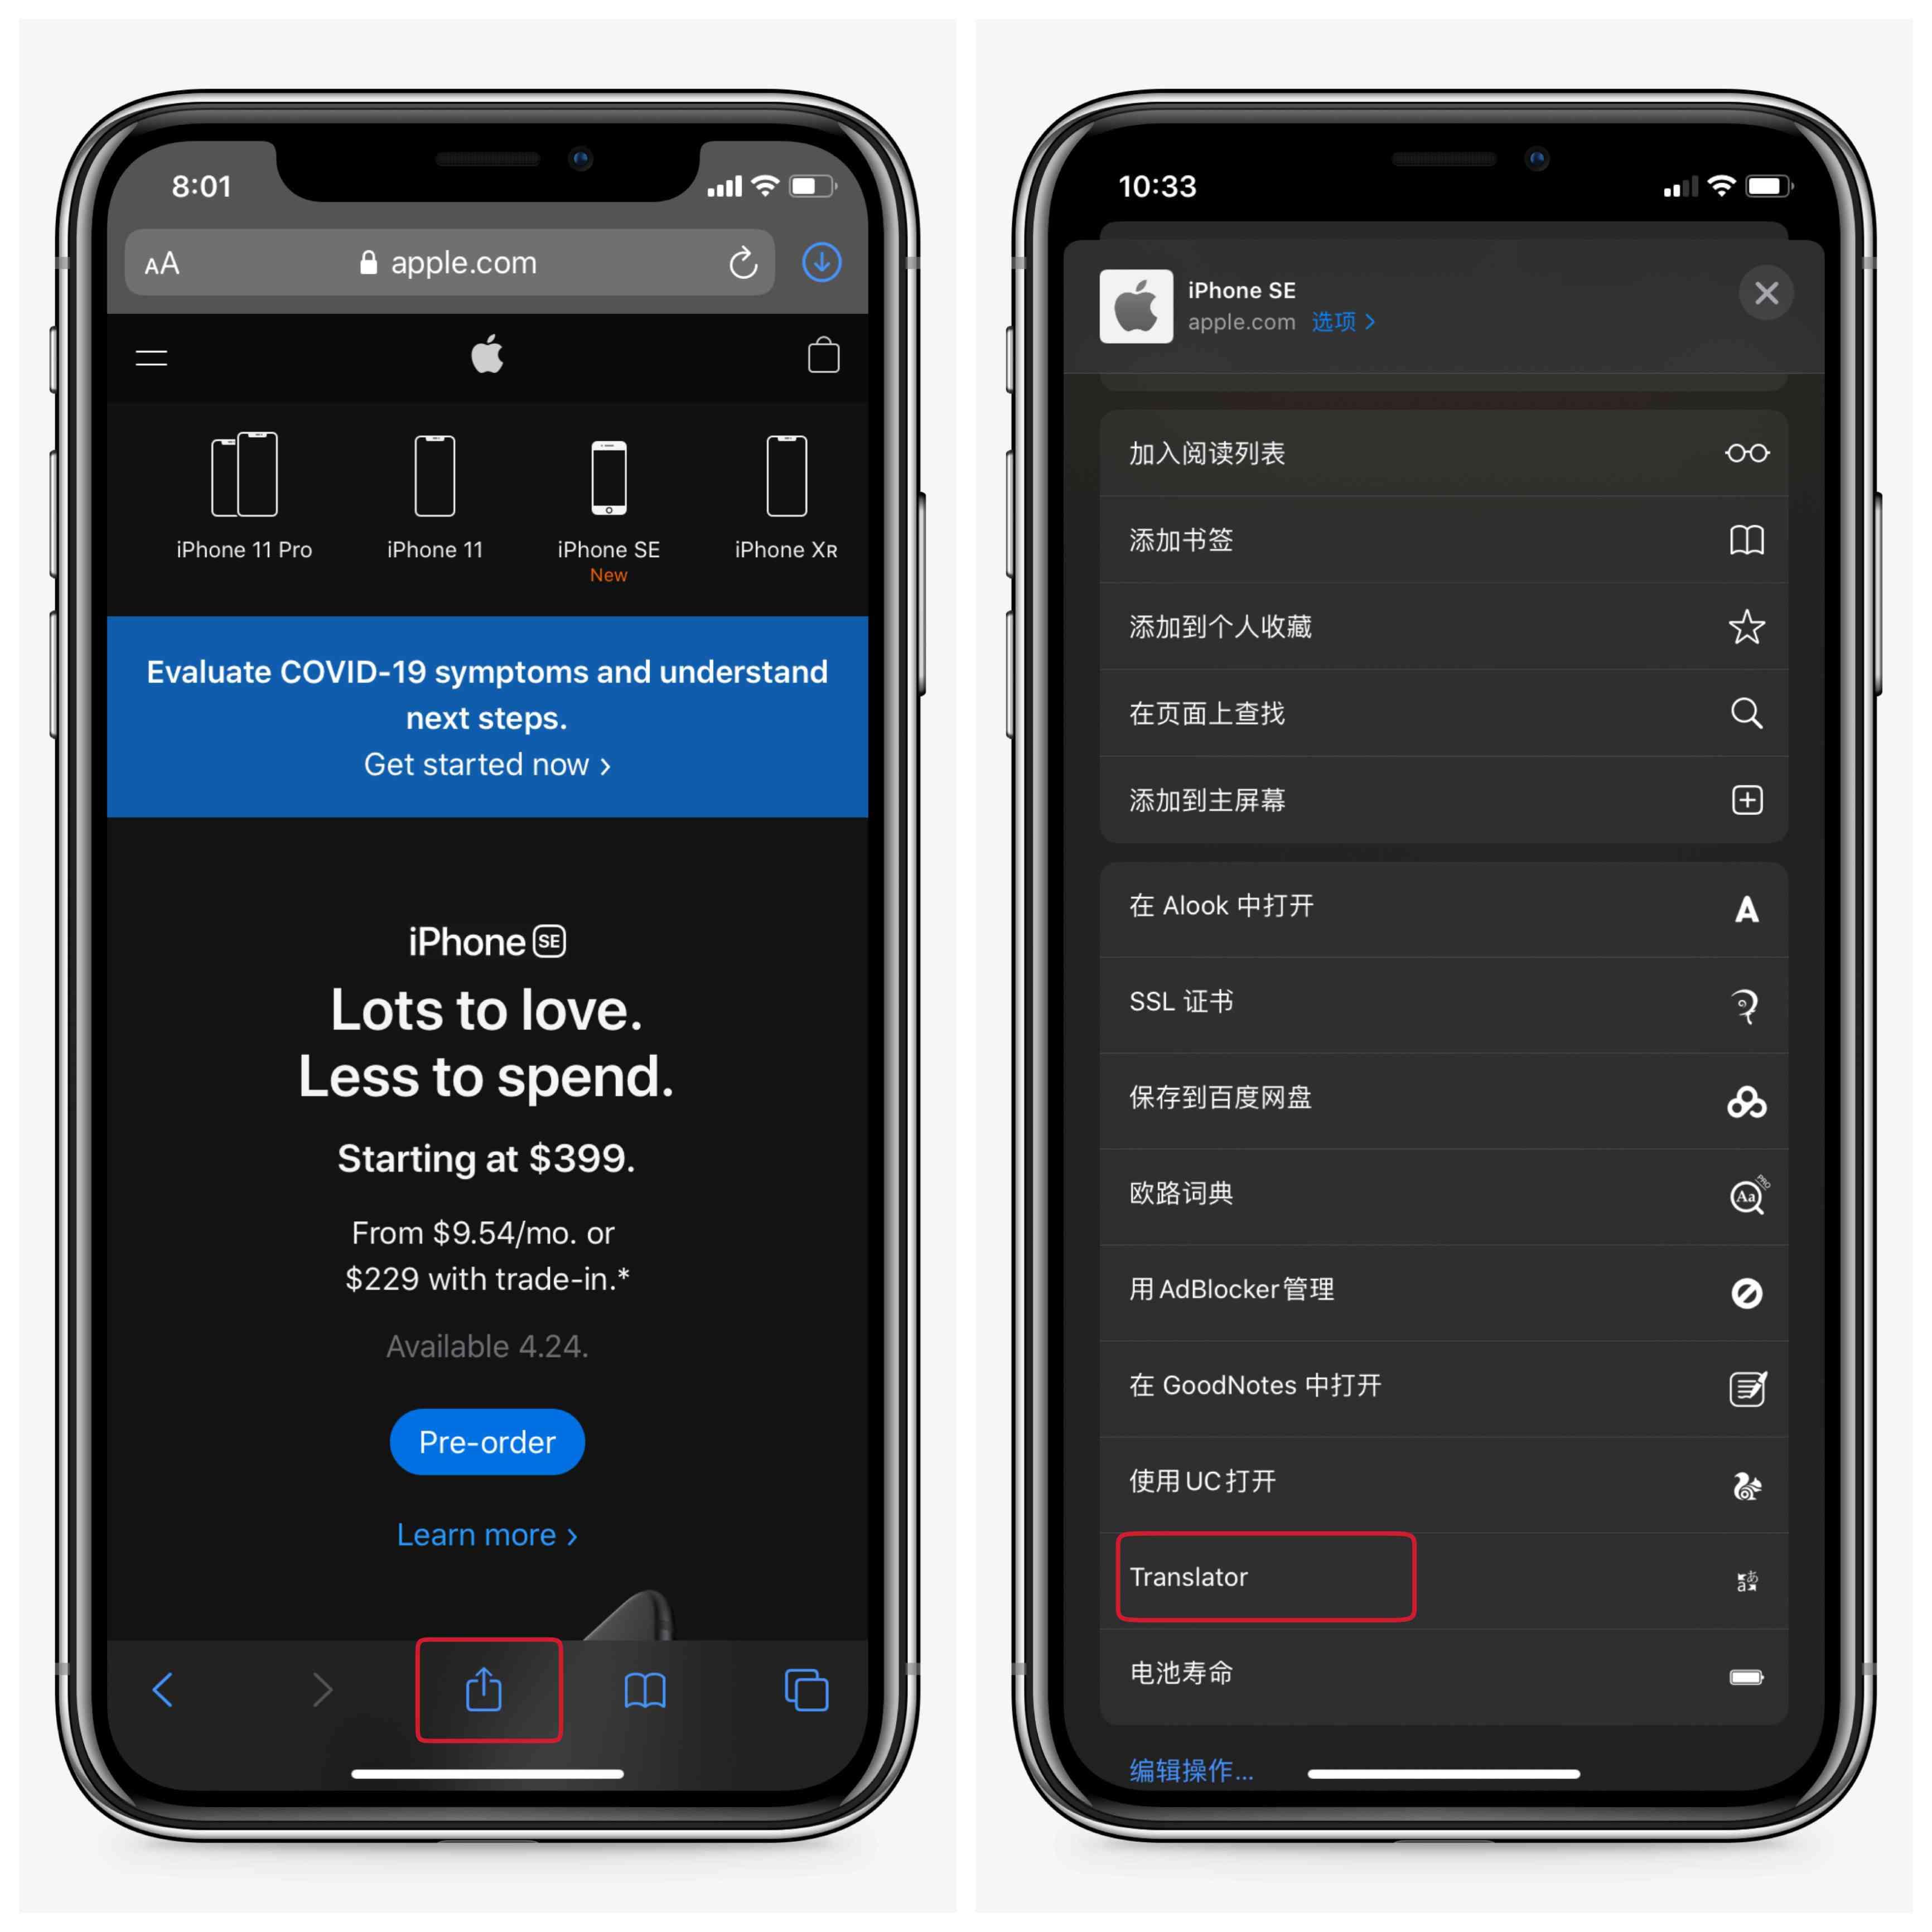 让你iPhone的Safari浏览器自带翻译的方法!_Joi博客文章